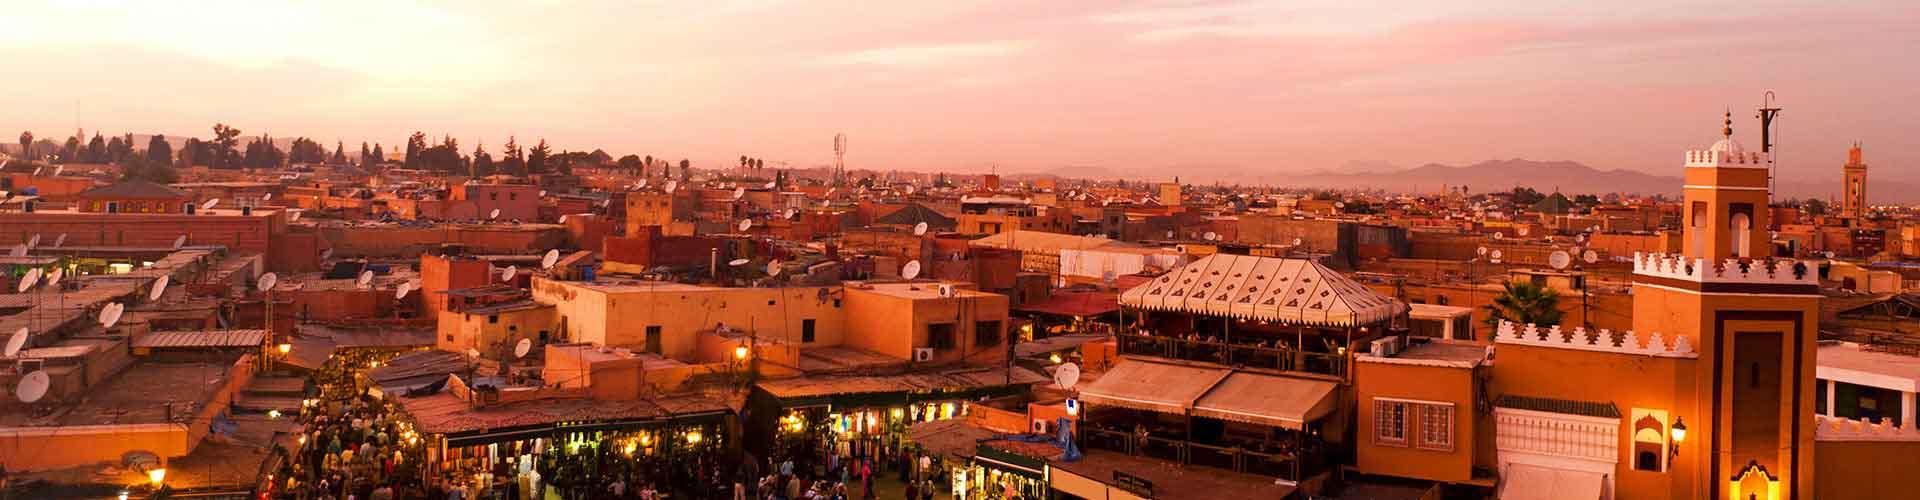 Marrakech - Auberges de jeunesse à Marrakech. Cartes pour Marrakech, photos et commentaires pour chaque auberge de jeunesse à Marrakech.